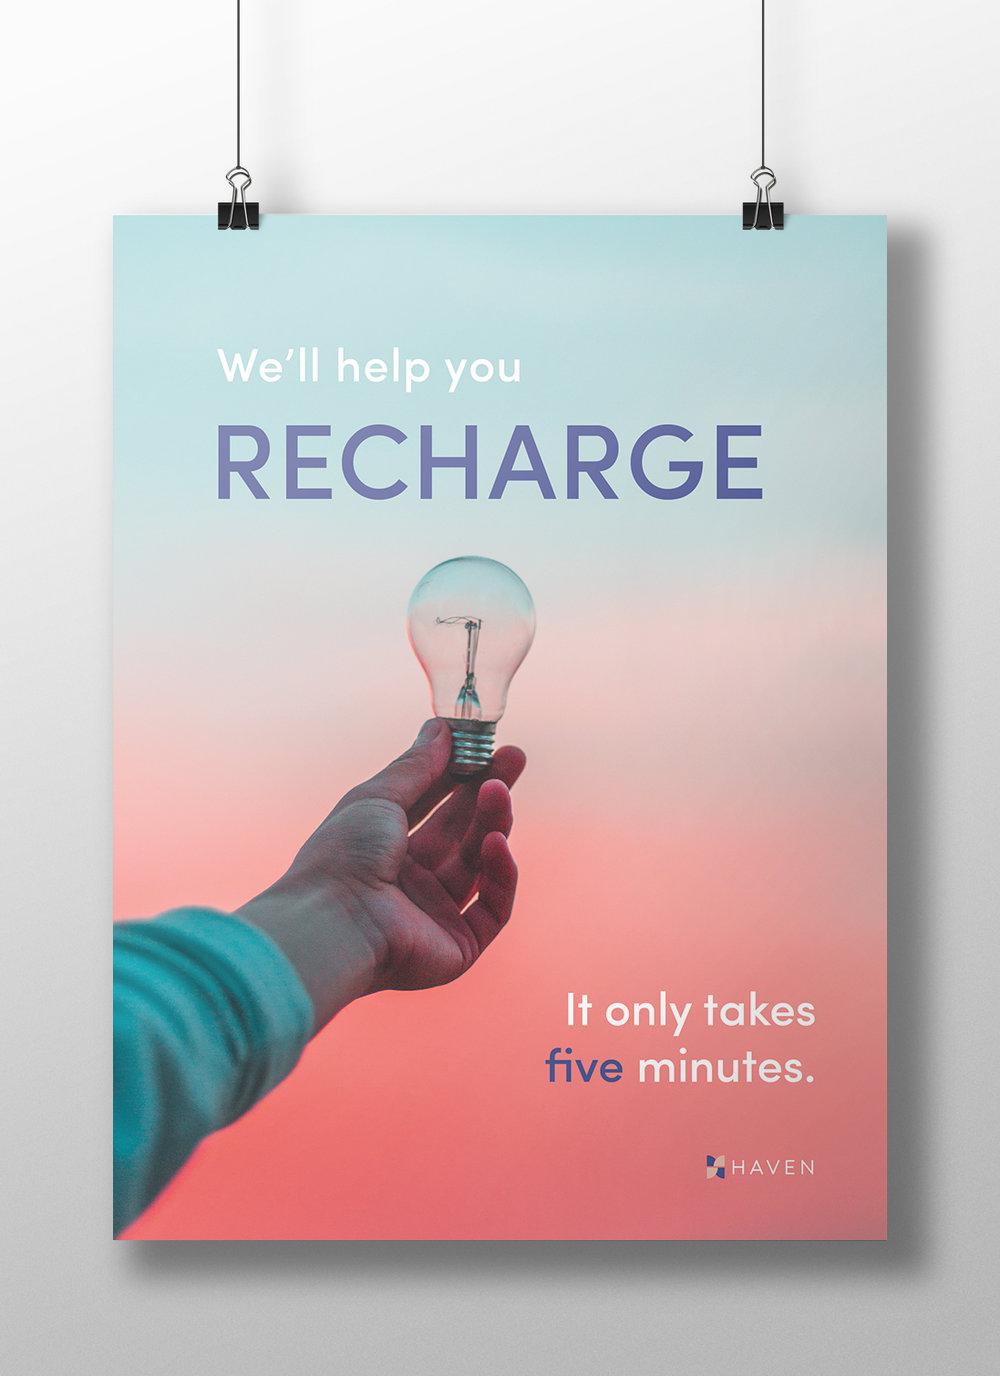 recharge-mockup.jpg